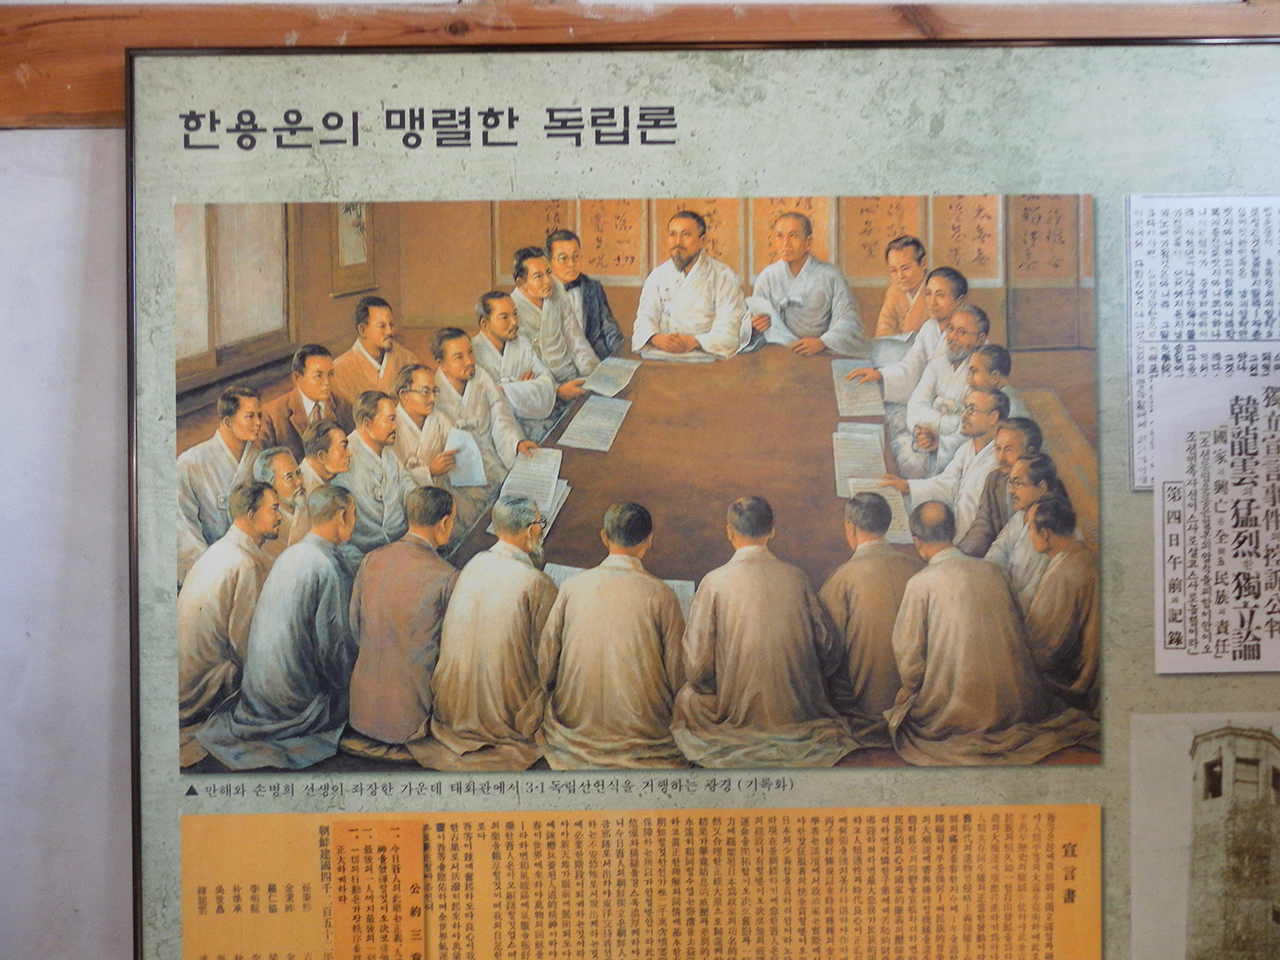 민족대표들의 회의 장면. 그중 불교 대표인 만해 한용운의 집에서 찍은 사진. 한용운의 집인 심우장은 서울시 성북구 성북동에 있다.